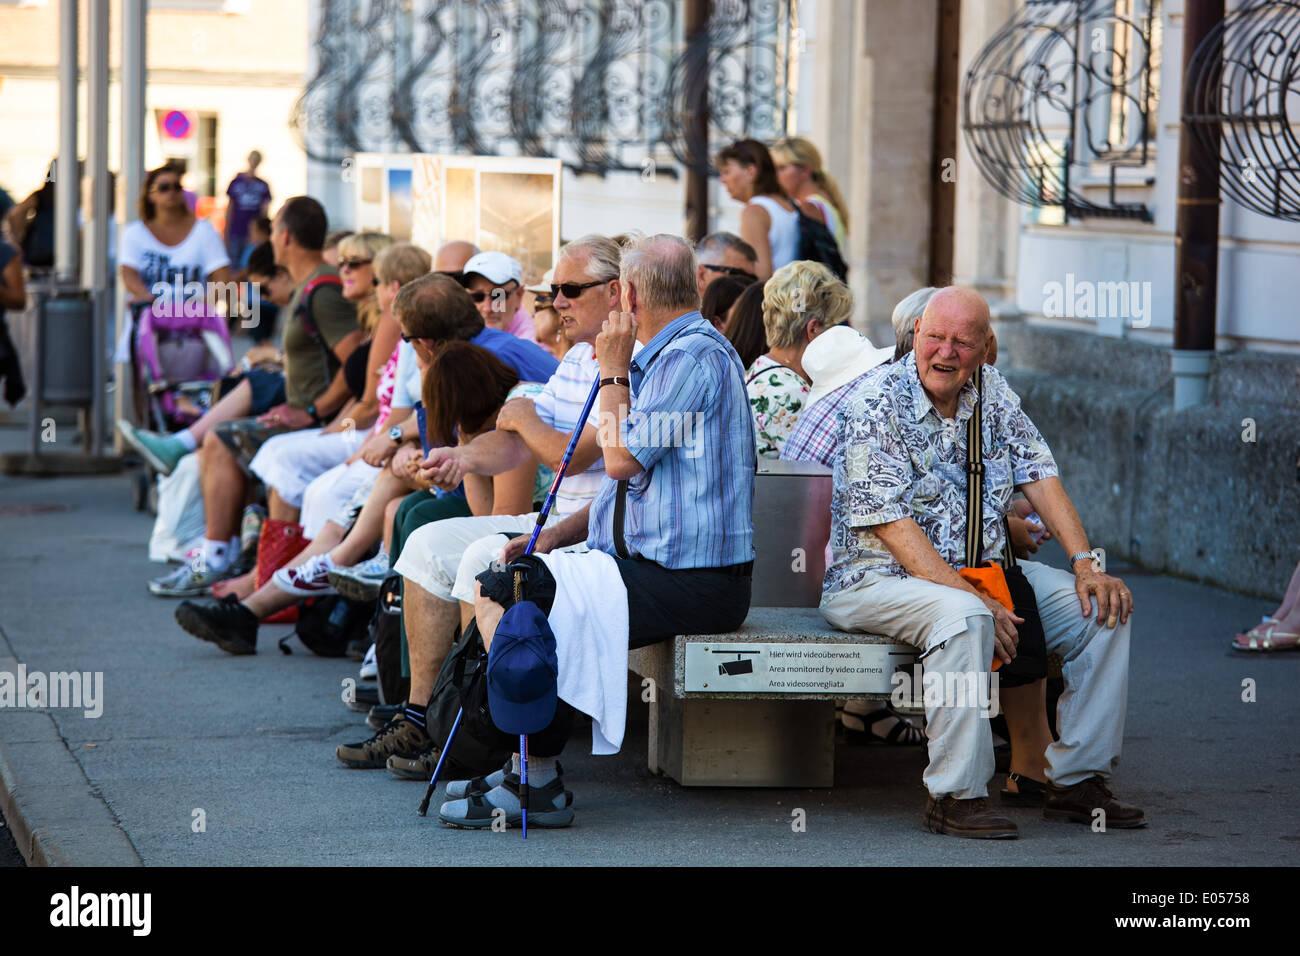 Pensioners and pensioners sit on a bank and wait, Pensionisten und Rentner sitzen auf einer Bank und warten Stock Photo